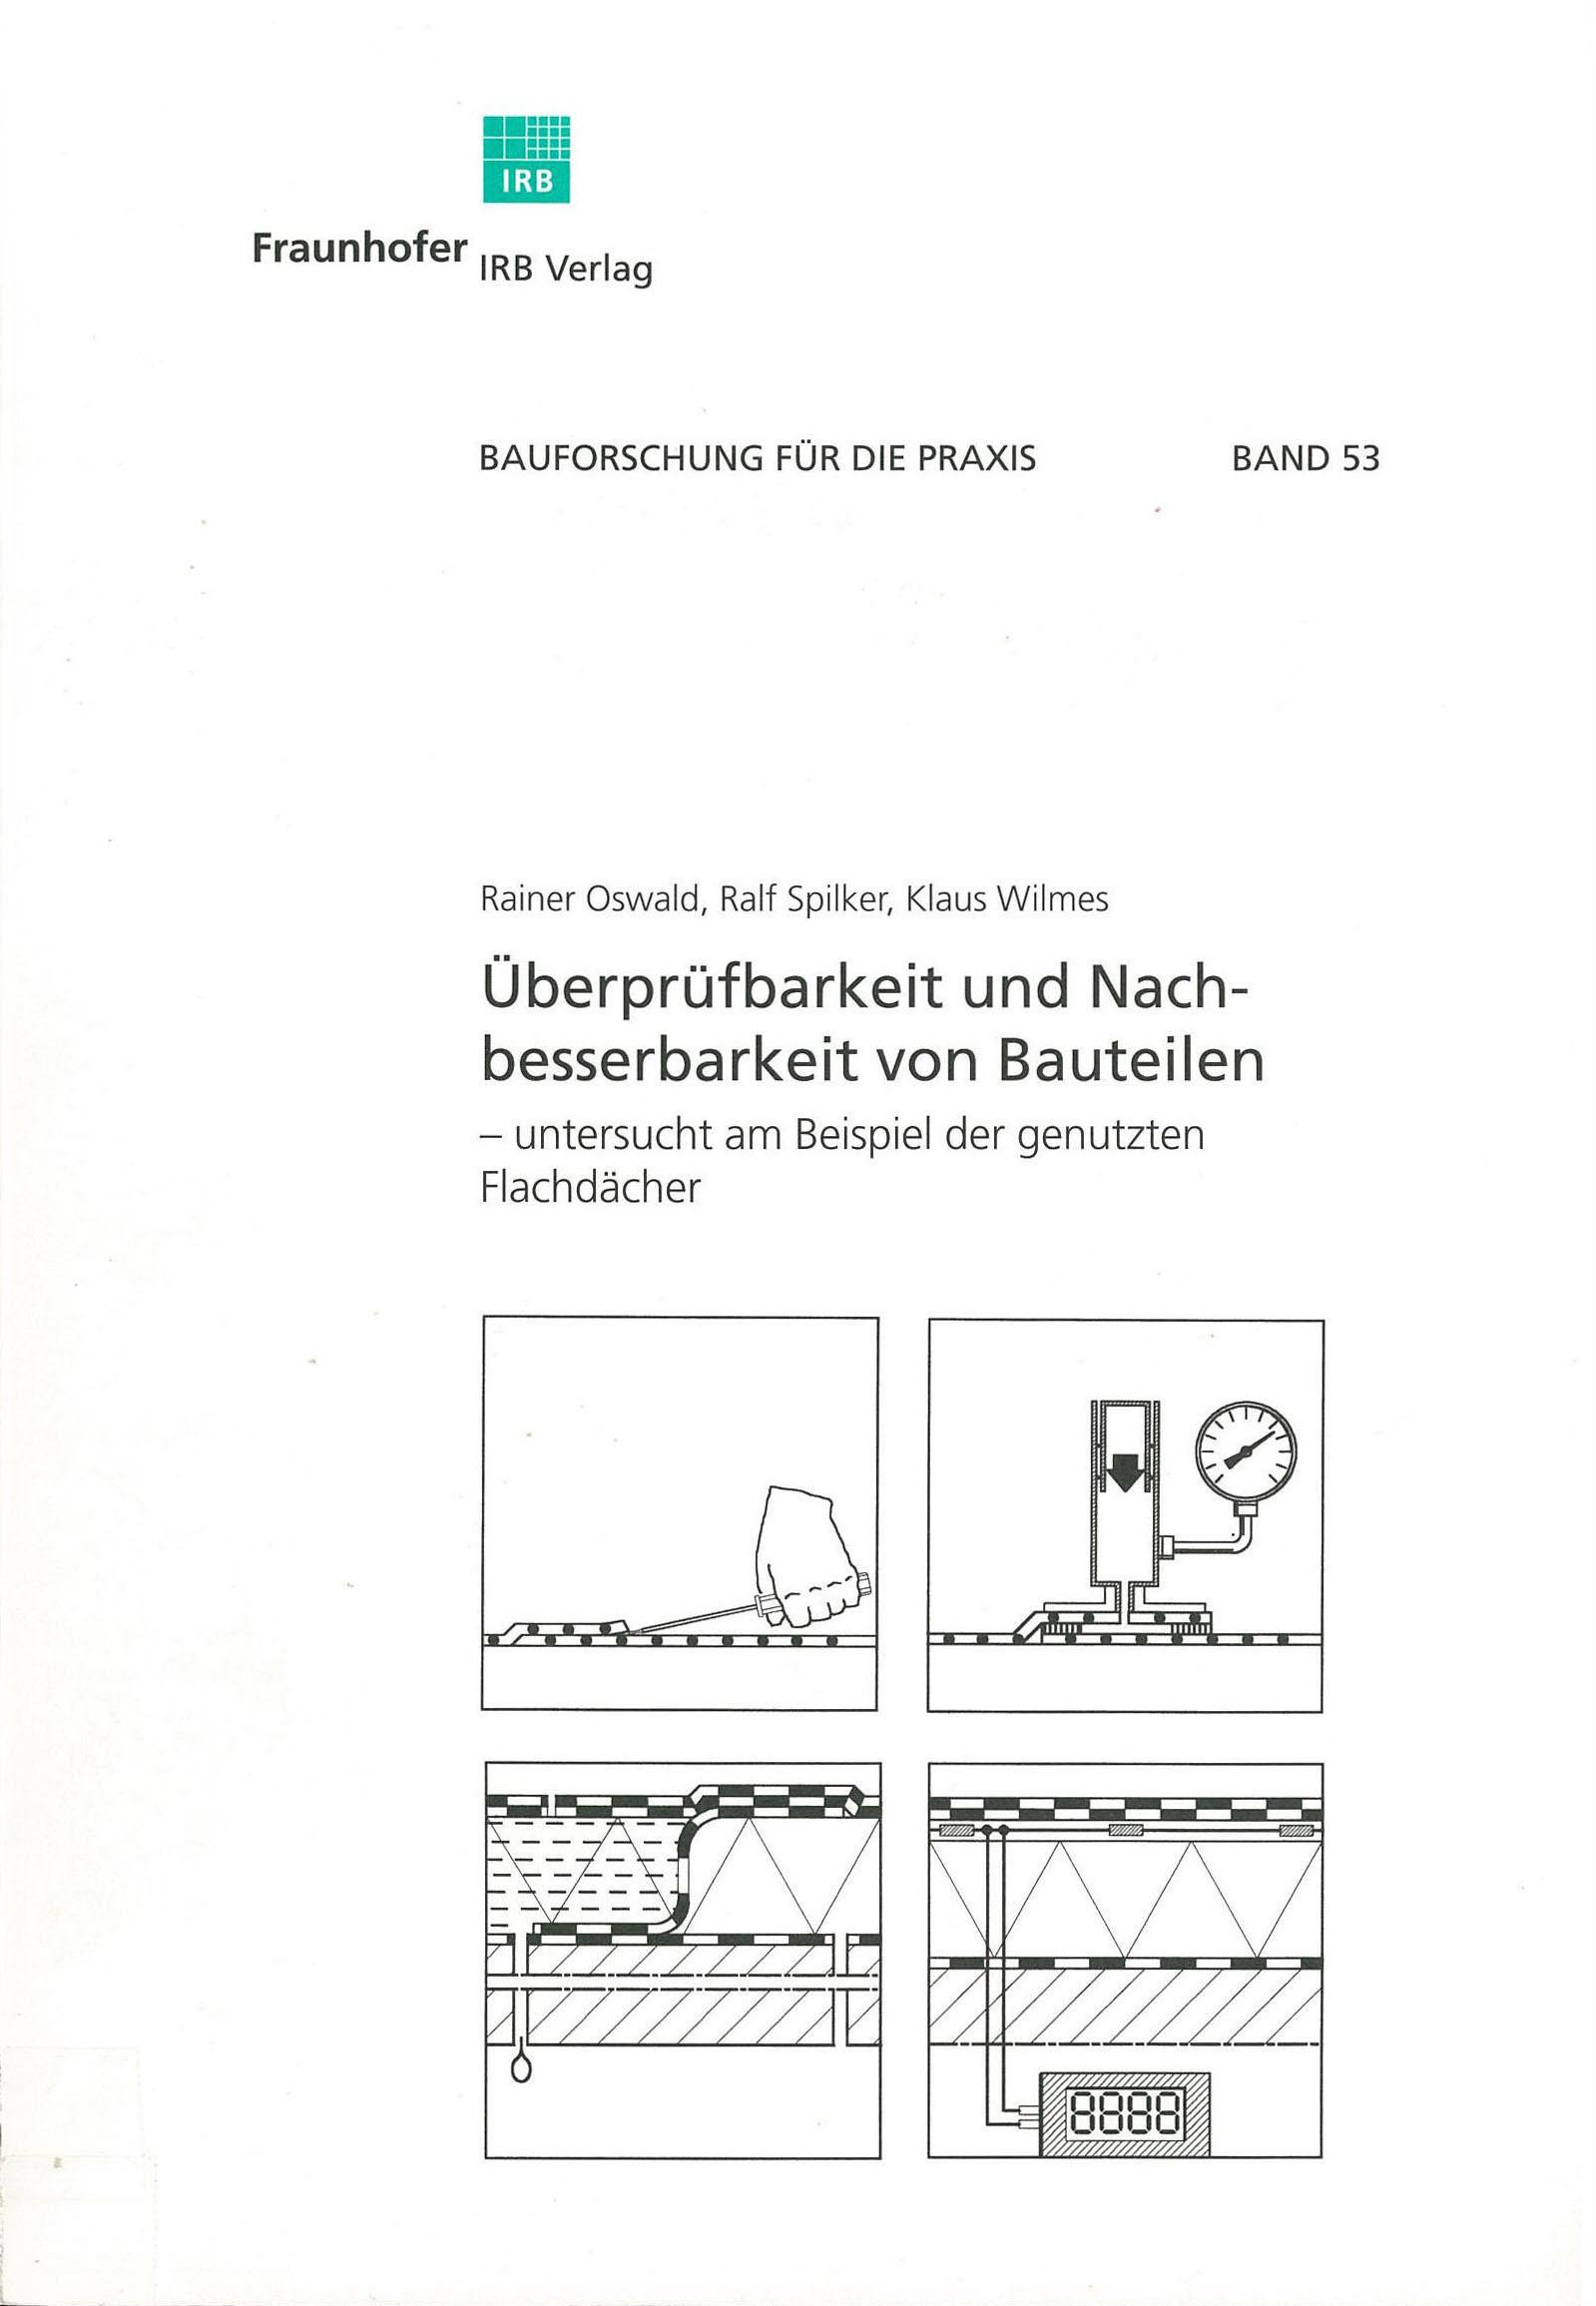 Überprüfbarkeit und Nachbesserbarkeit von Bauteilen – untersucht am Beispiel der genutzten Flachdächer